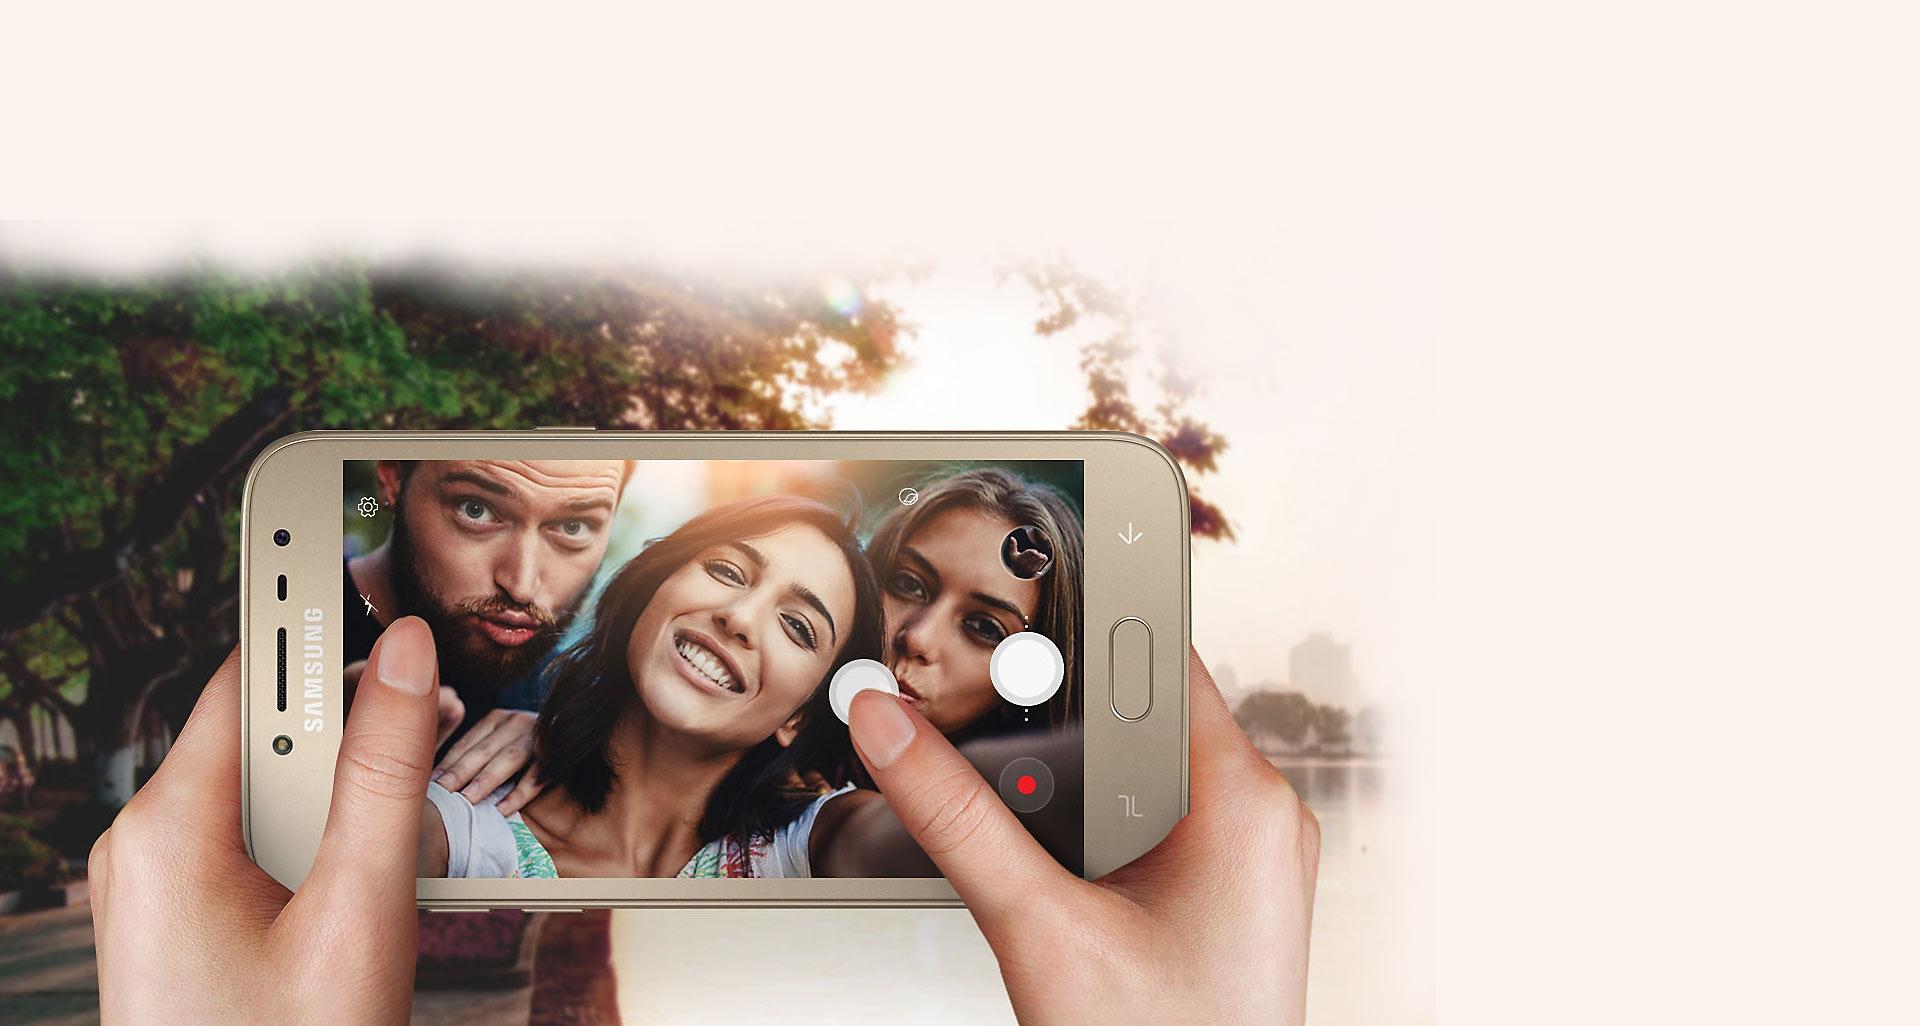 ثبت تصاویر به آسان ترین روش با گوشی گلکسی گرند پرایم 2018